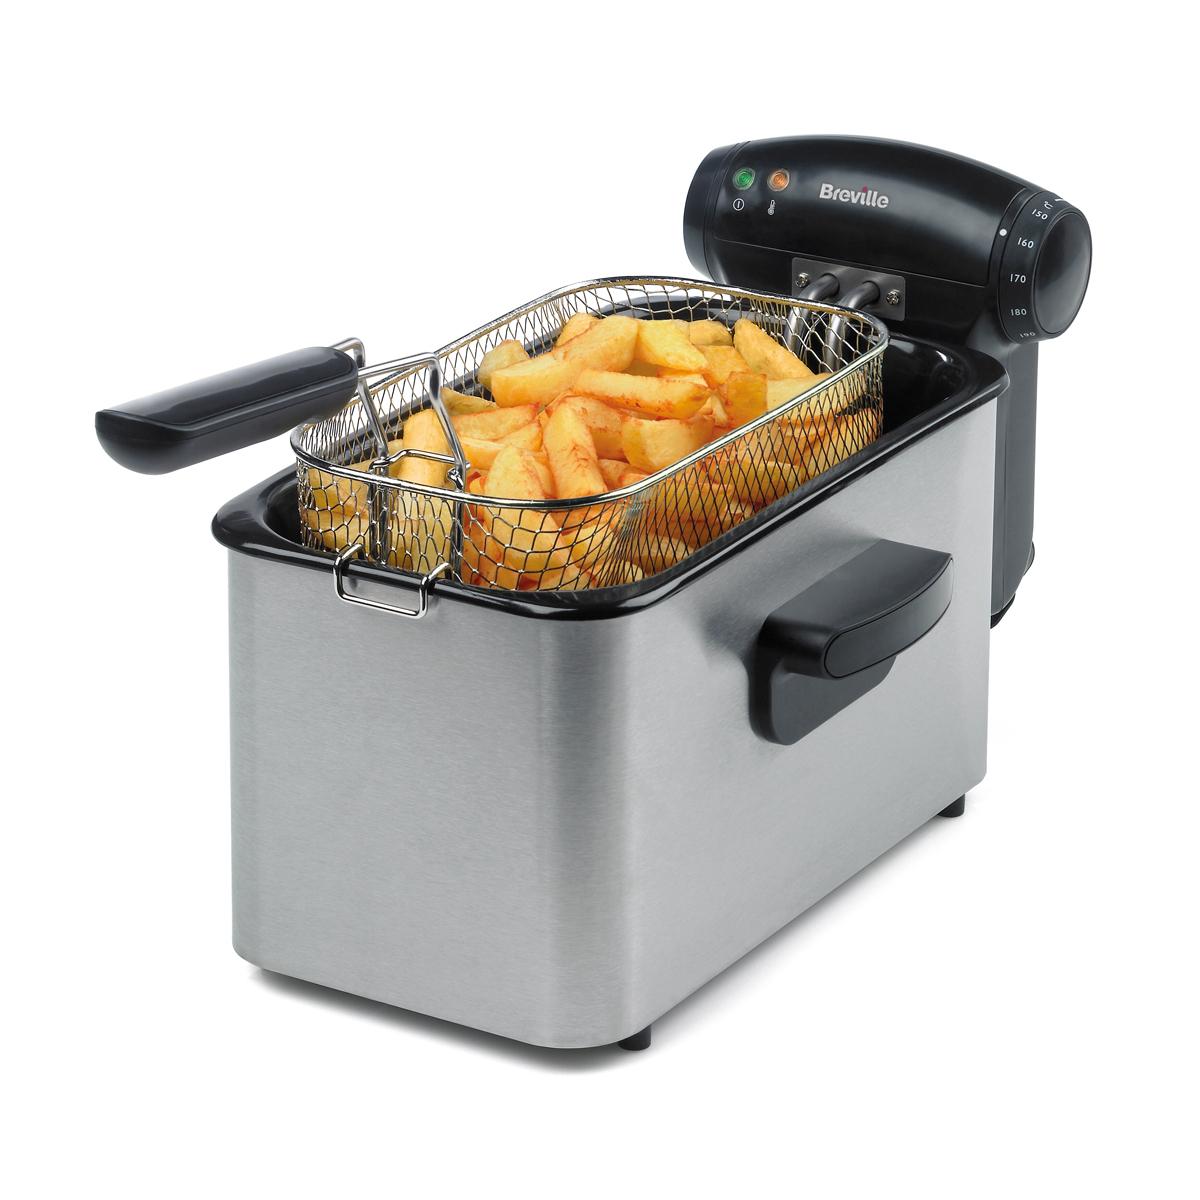 3l 1kg Stainless Steel Deep Fat Fryer Vdf100 Breville